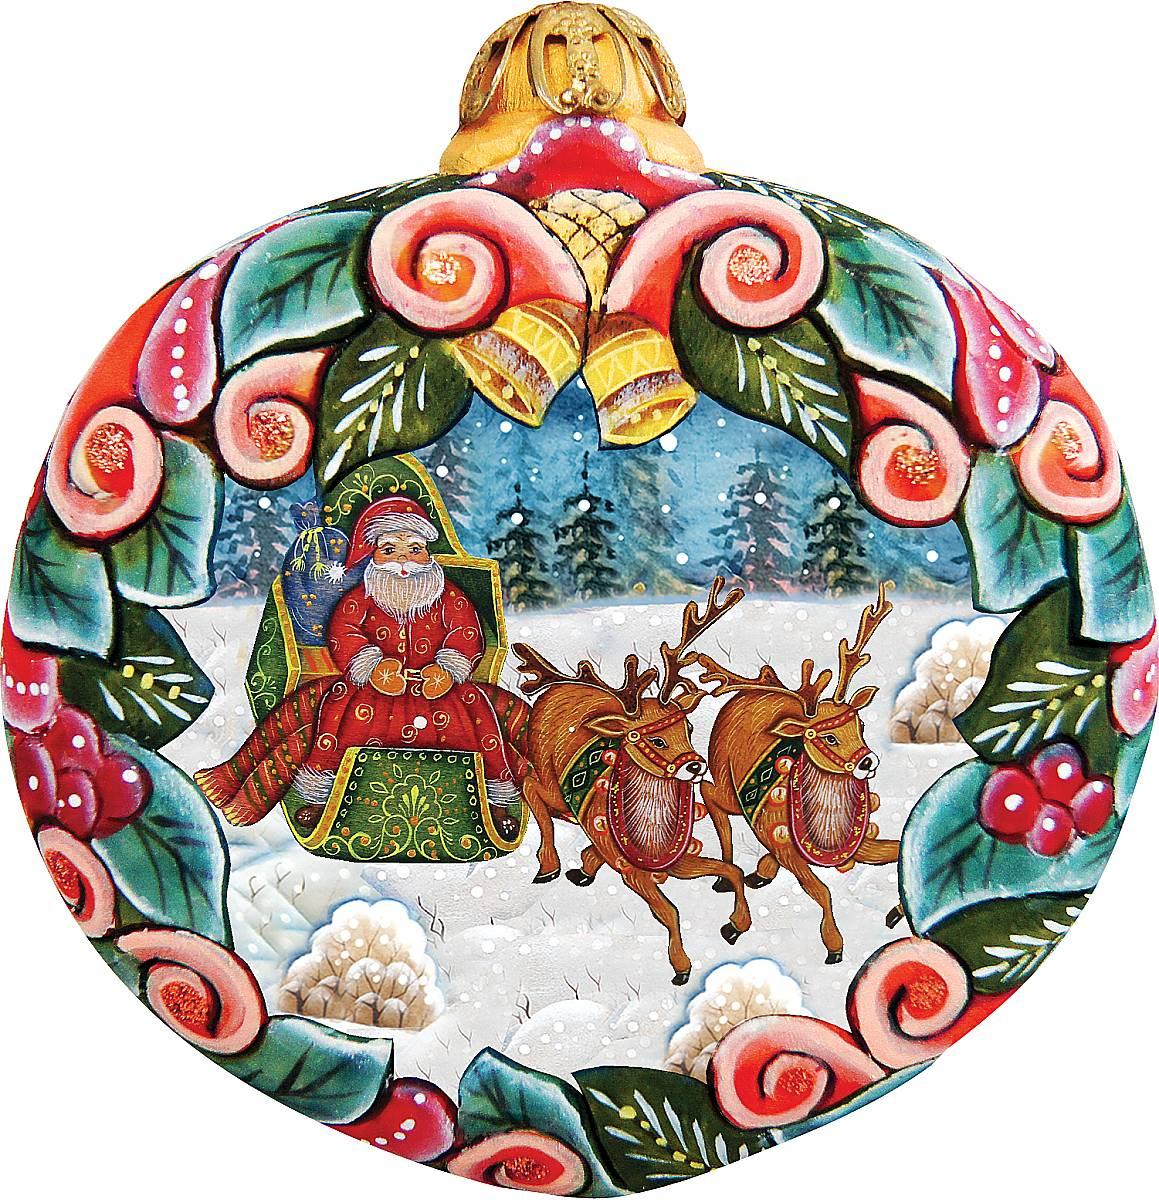 Украшение новогоднее подвесное Mister Christmas, высота 10 см. US 610313US 610313Коллекционное украшение Mister Christmas прекрасно подойдет для праздничного декора вашего дома. Изделие выполнено из полистоуна и креплением для подвешивания на елку. Новогодние украшения несут в себе волшебство и красоту праздника. Они помогут вам украсить дом к предстоящим праздникам и оживить интерьер. Создайте в доме атмосферу тепла, веселья и радости, украшая его всей семьей. Кроме того, такая игрушка станет приятным подарком, который надолго сохранит память этого волшебного времени года. Высота украшения: 10 см.